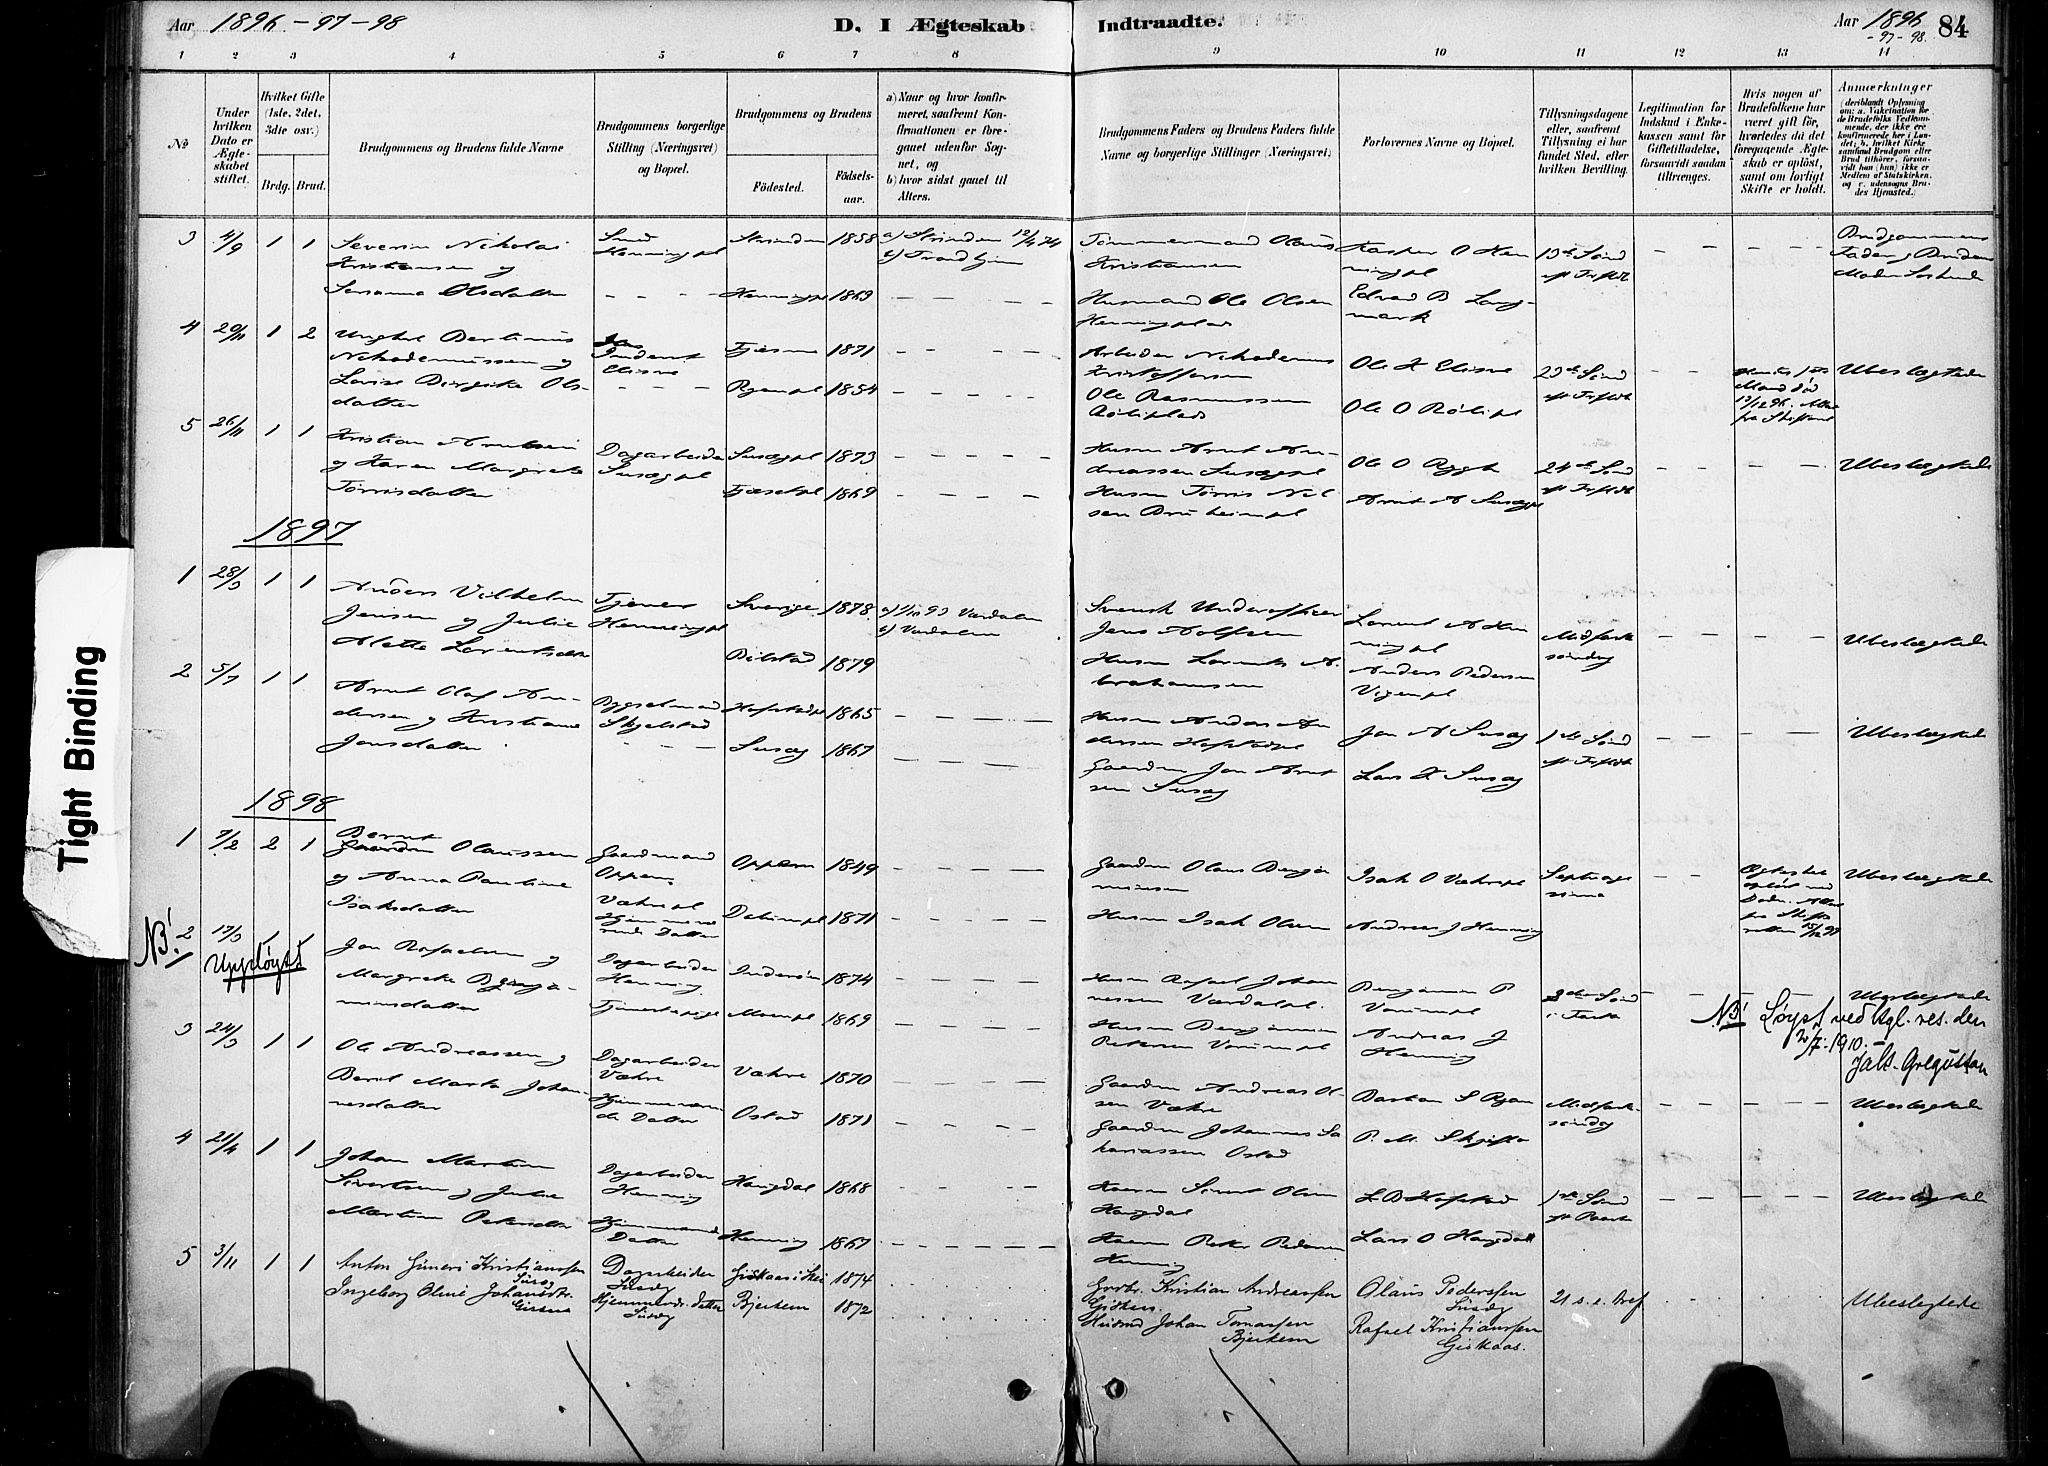 SAT, Ministerialprotokoller, klokkerbøker og fødselsregistre - Nord-Trøndelag, 738/L0364: Ministerialbok nr. 738A01, 1884-1902, s. 84